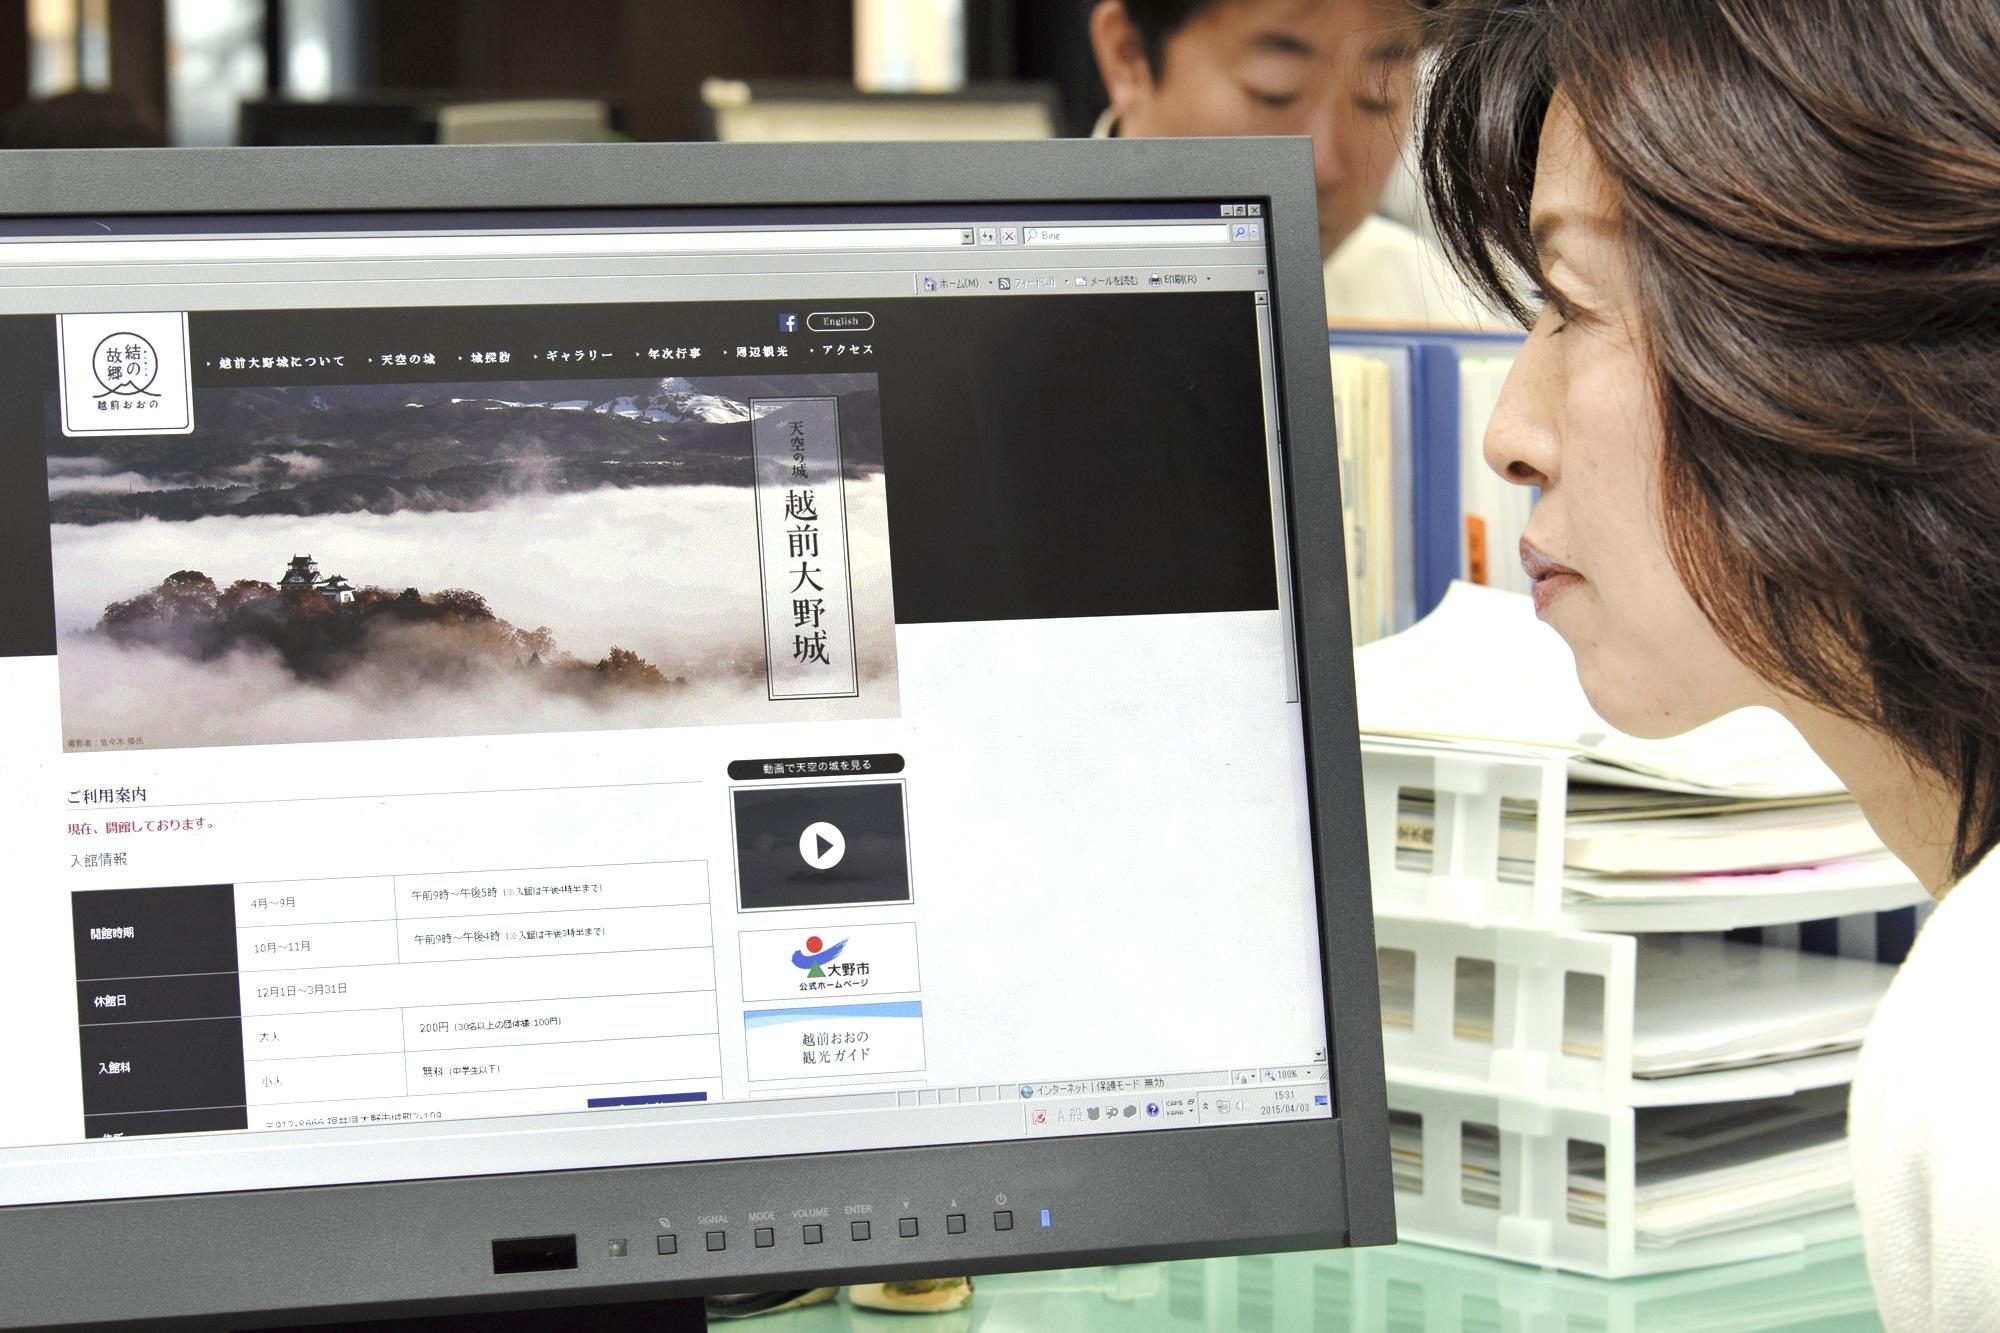 福井県大野市が新たに開設した「天空の城」越前大野城の公式ホームページ